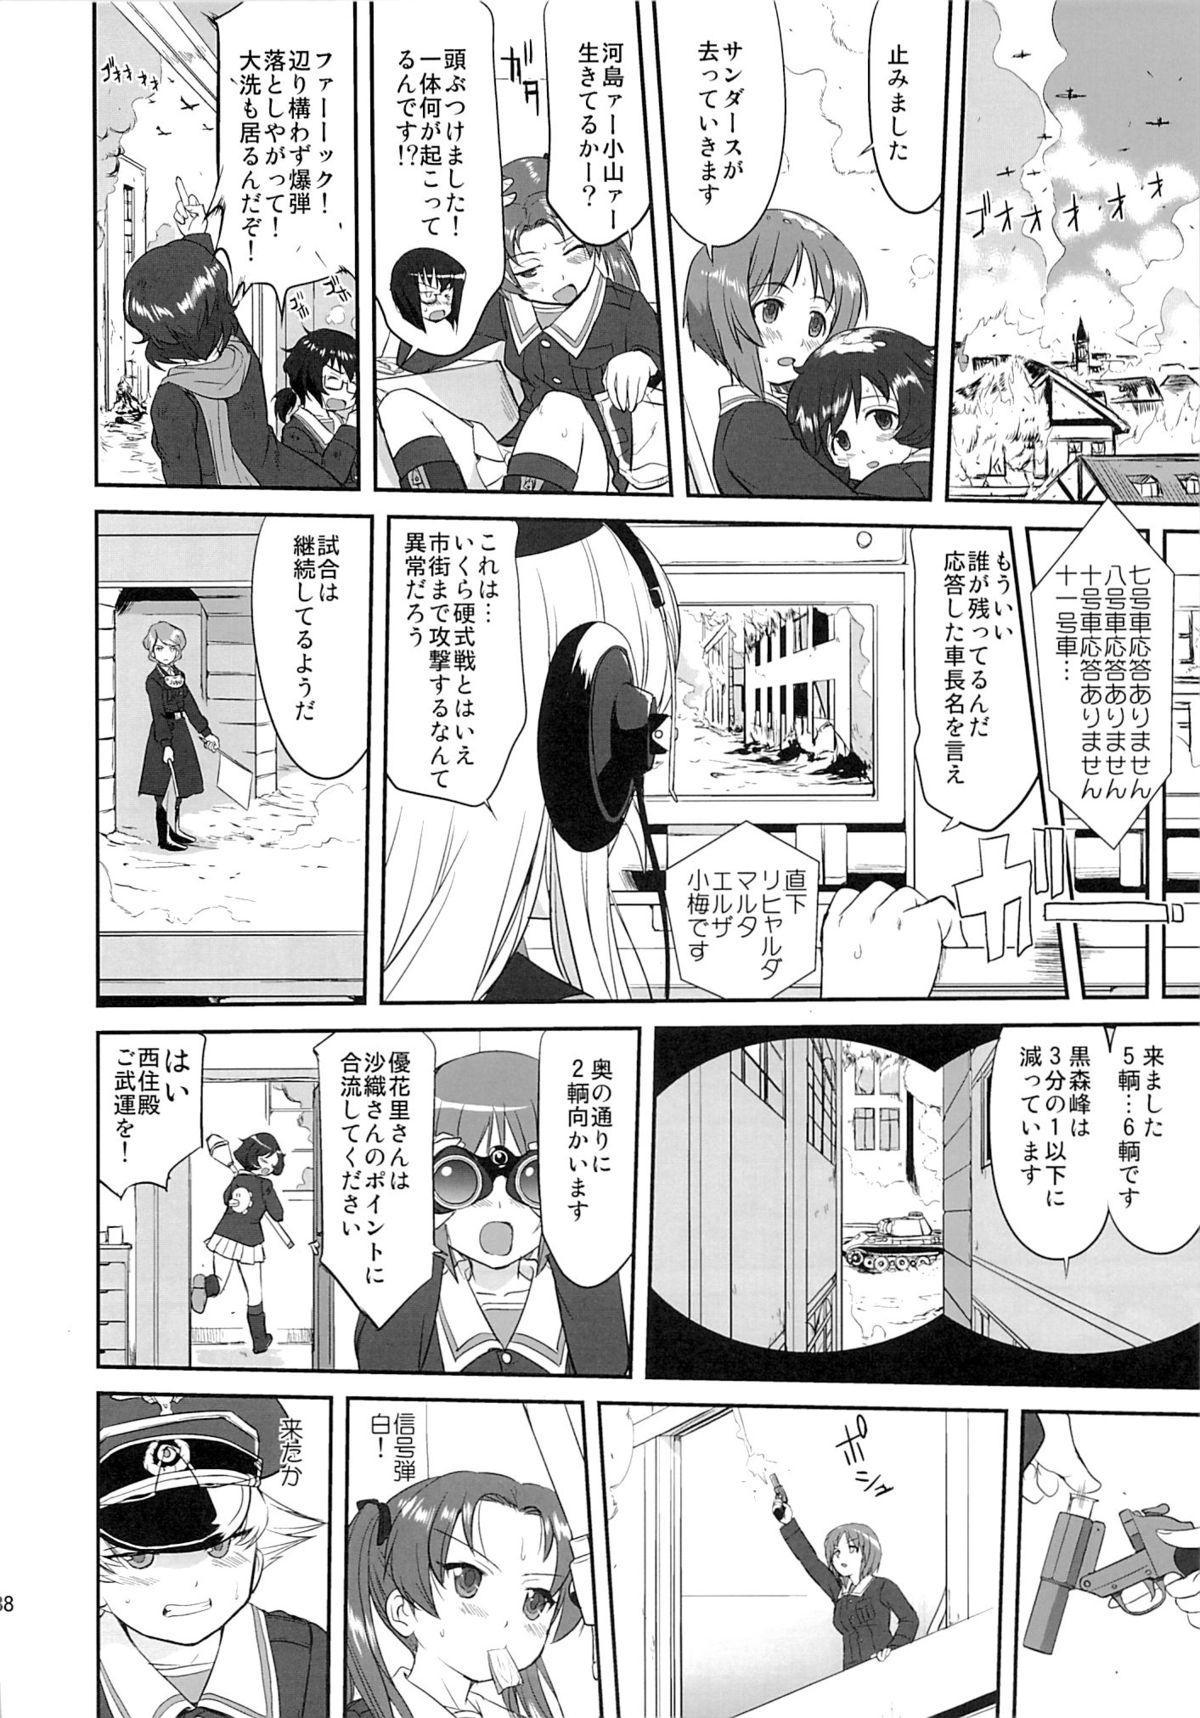 Yukiyukite Senshadou Kuromorimine no Tatakai 36